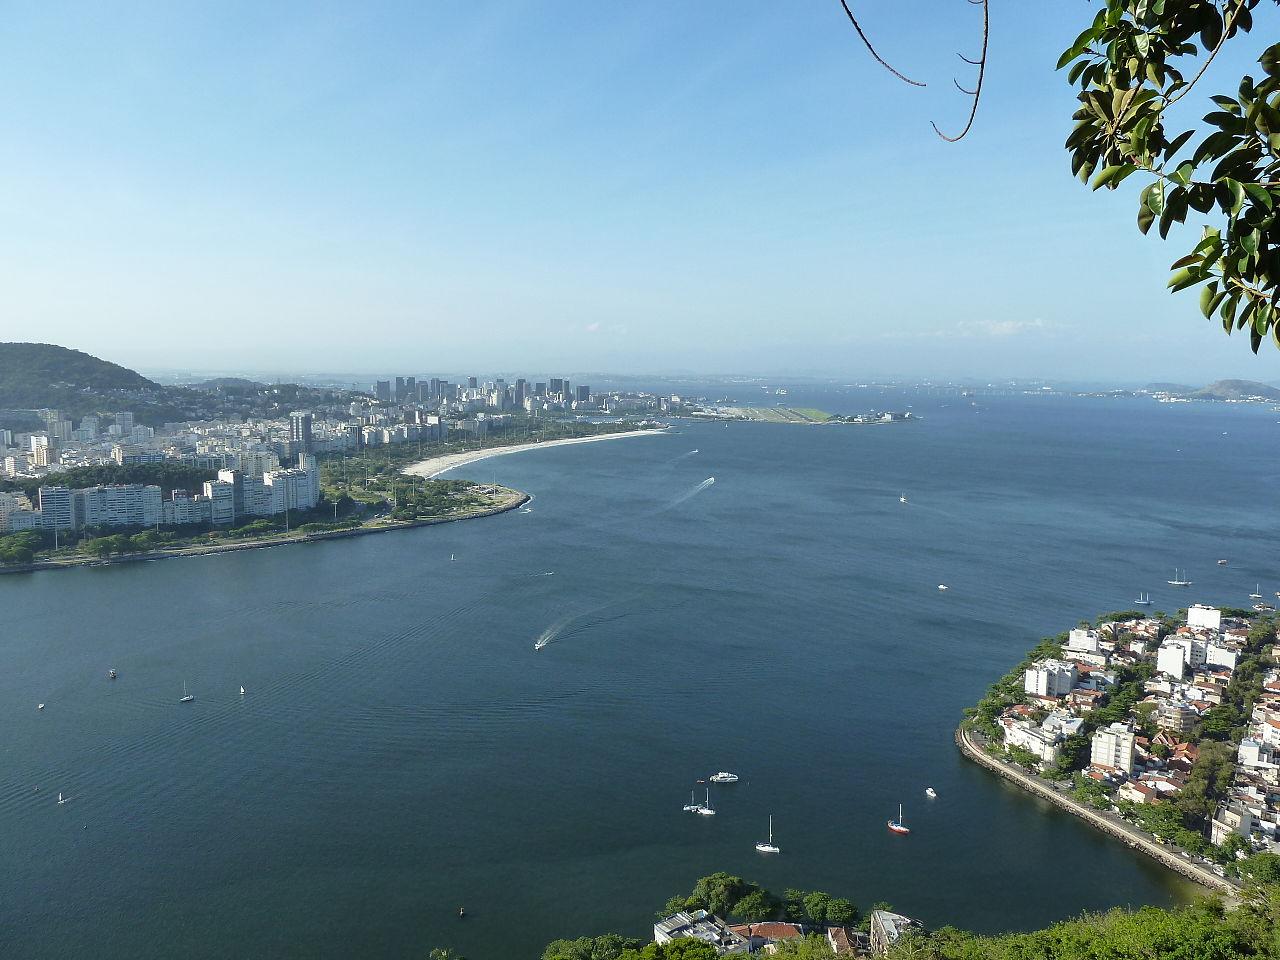 Golful Guanabara